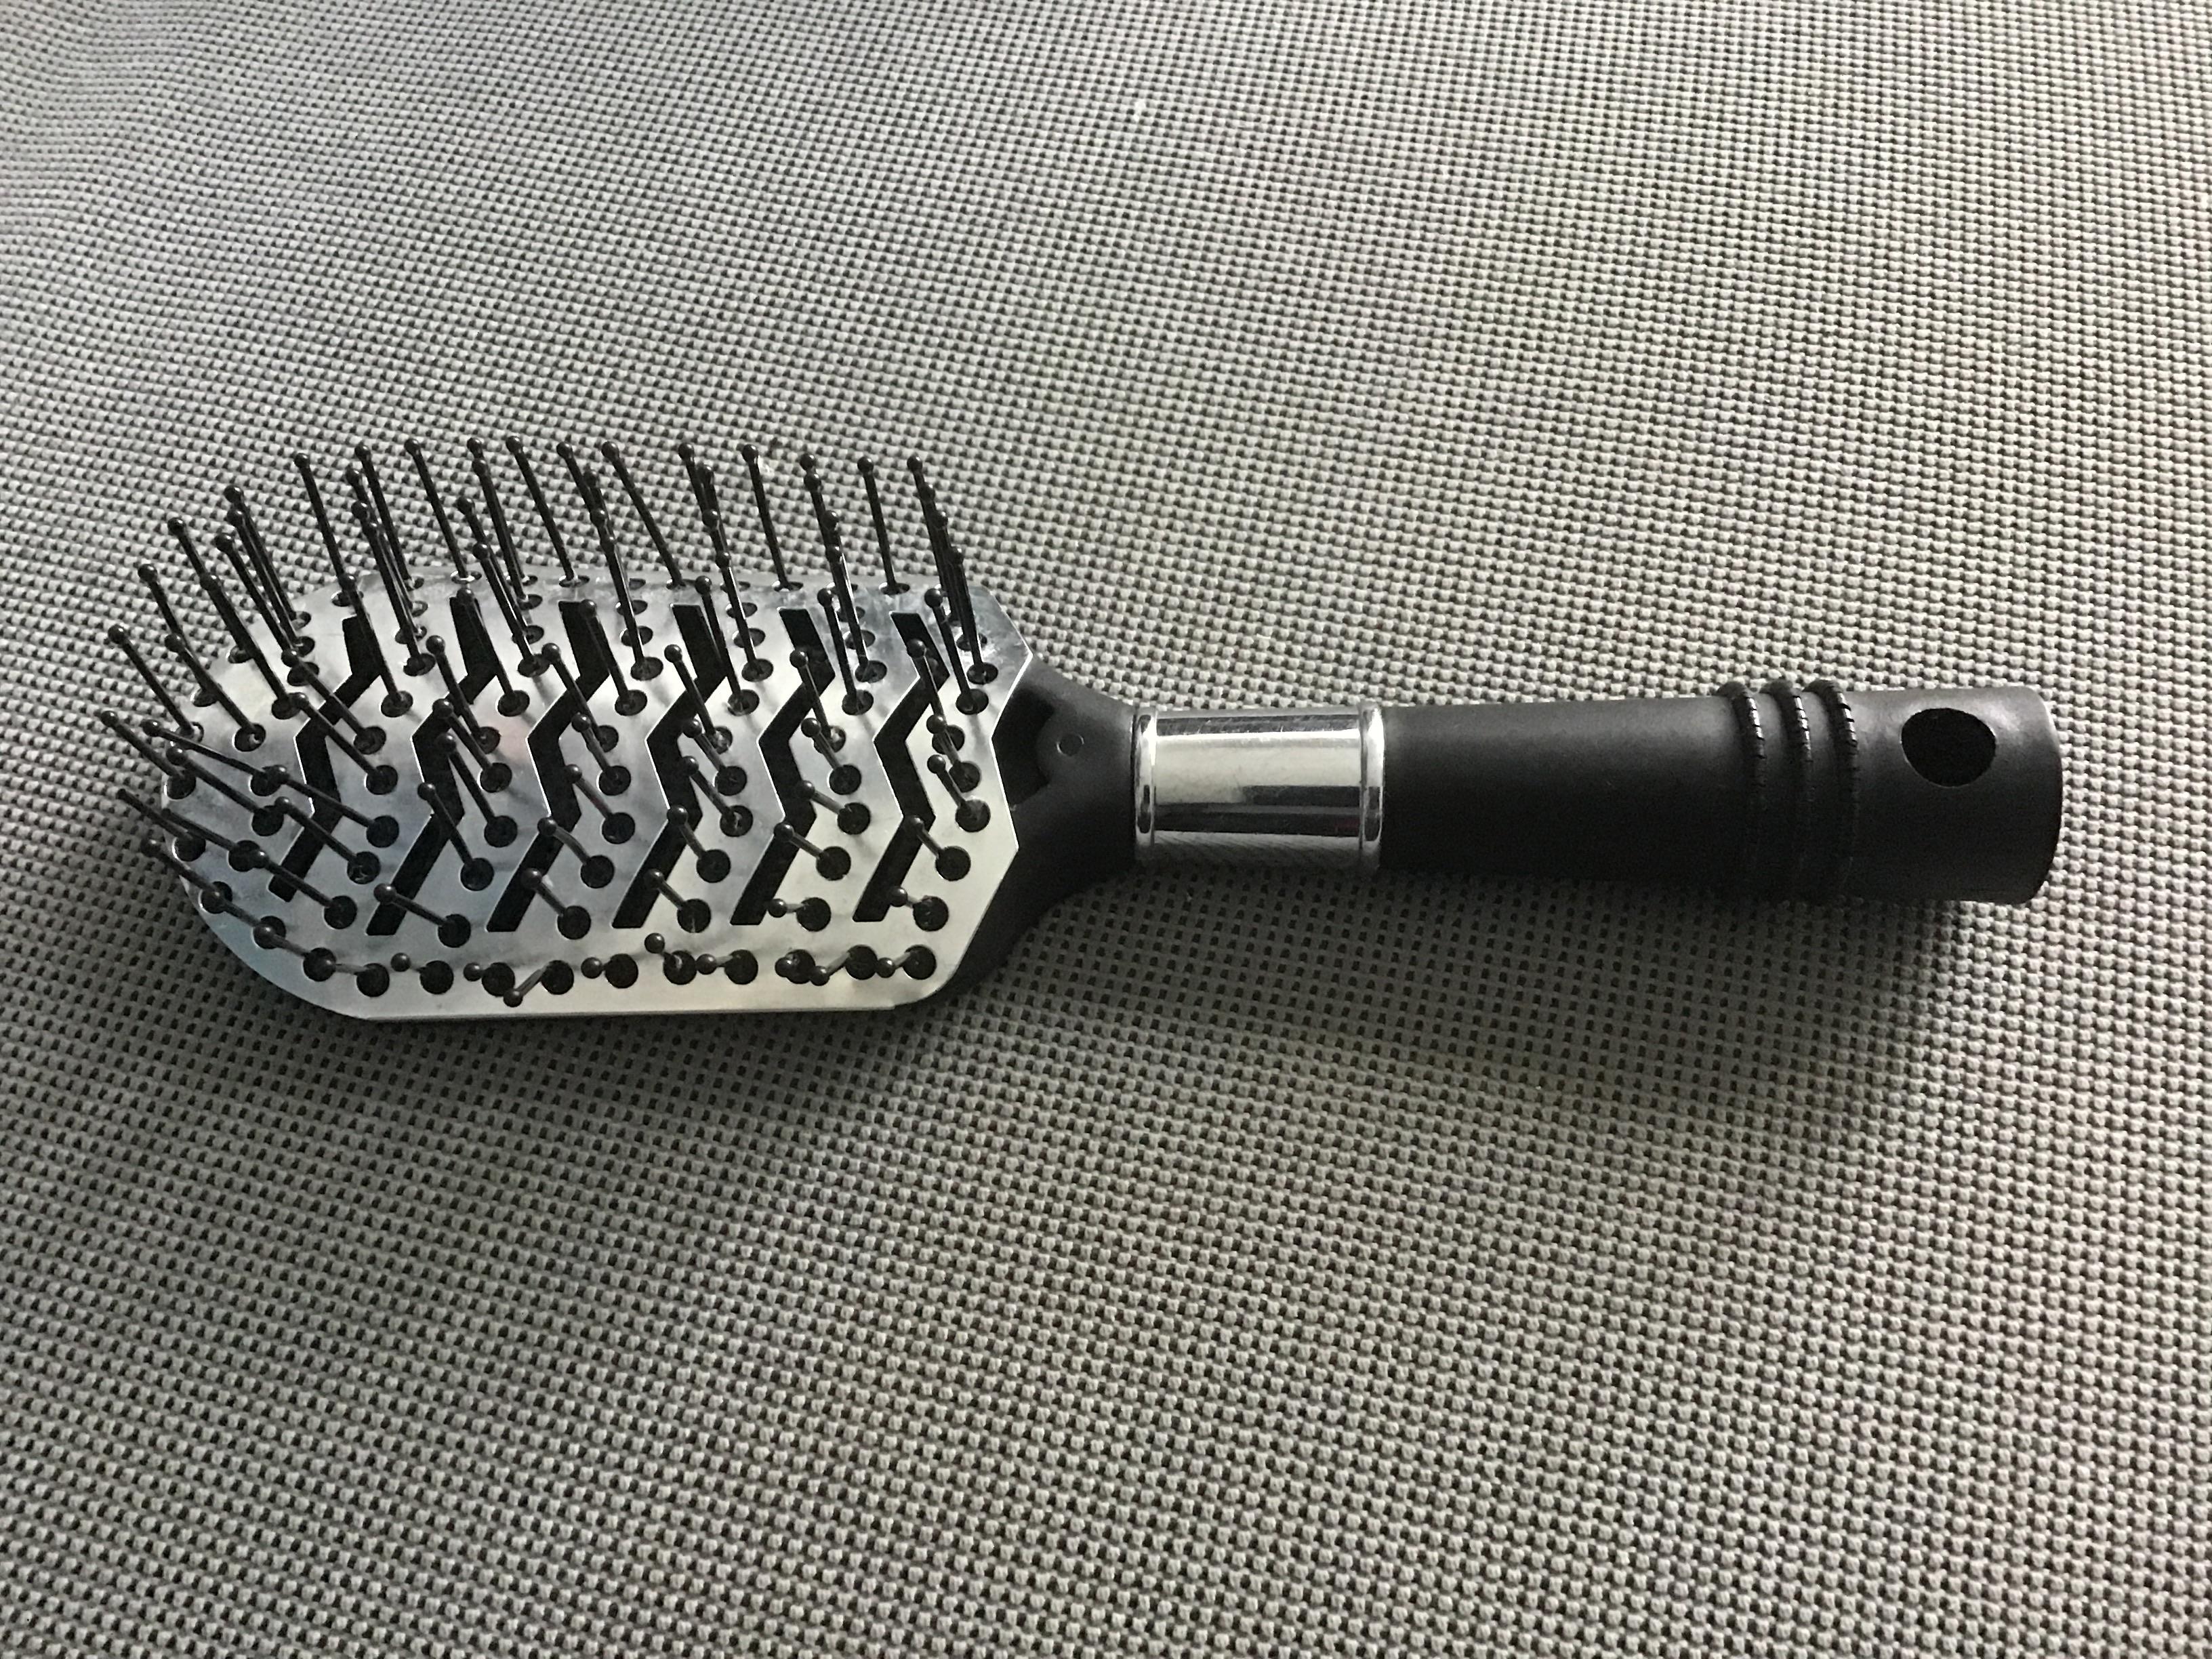 Haarbürste Silber/schwarz  tauschen